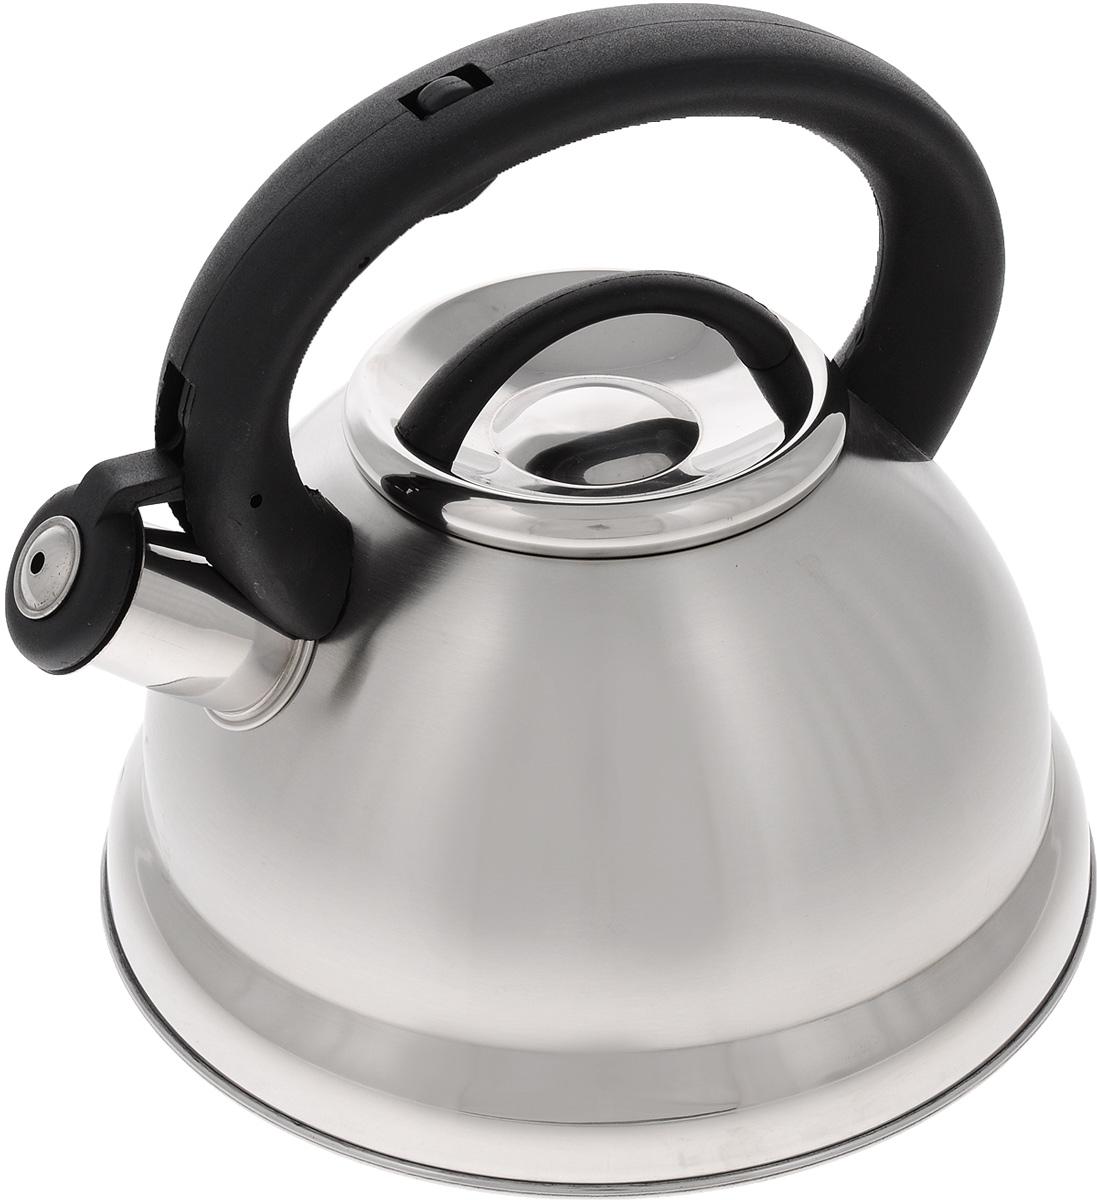 Чайник Mayer & Boch, со свистком, 2,8 л. 2163521635Чайник Mayer & Boch выполнен из высококачественной нержавеющей стали, что делает его весьма гигиеничным и устойчивым к износу при длительном использовании. Носик чайника оснащен откидным свистком, звуковой сигнал которого подскажет, когда закипит вода. Свисток открывается нажатием кнопки на ручке. Фиксированная ручка, изготовленная из пластика, делает использование чайника очень удобным и безопасным. Поверхность чайника гладкая, что облегчает уход за ним. Эстетичный и функциональный, такой чайник будет оригинально смотреться в любом интерьере. Чайник пригоден для всех типов плит, включая индукционные. Можно мыть в посудомоечной машине.Высота чайника (без учета ручки и крышки): 12 см.Высота чайника (с учетом ручки и крышки): 21 см.Диаметр чайника (по верхнему краю): 10 см.